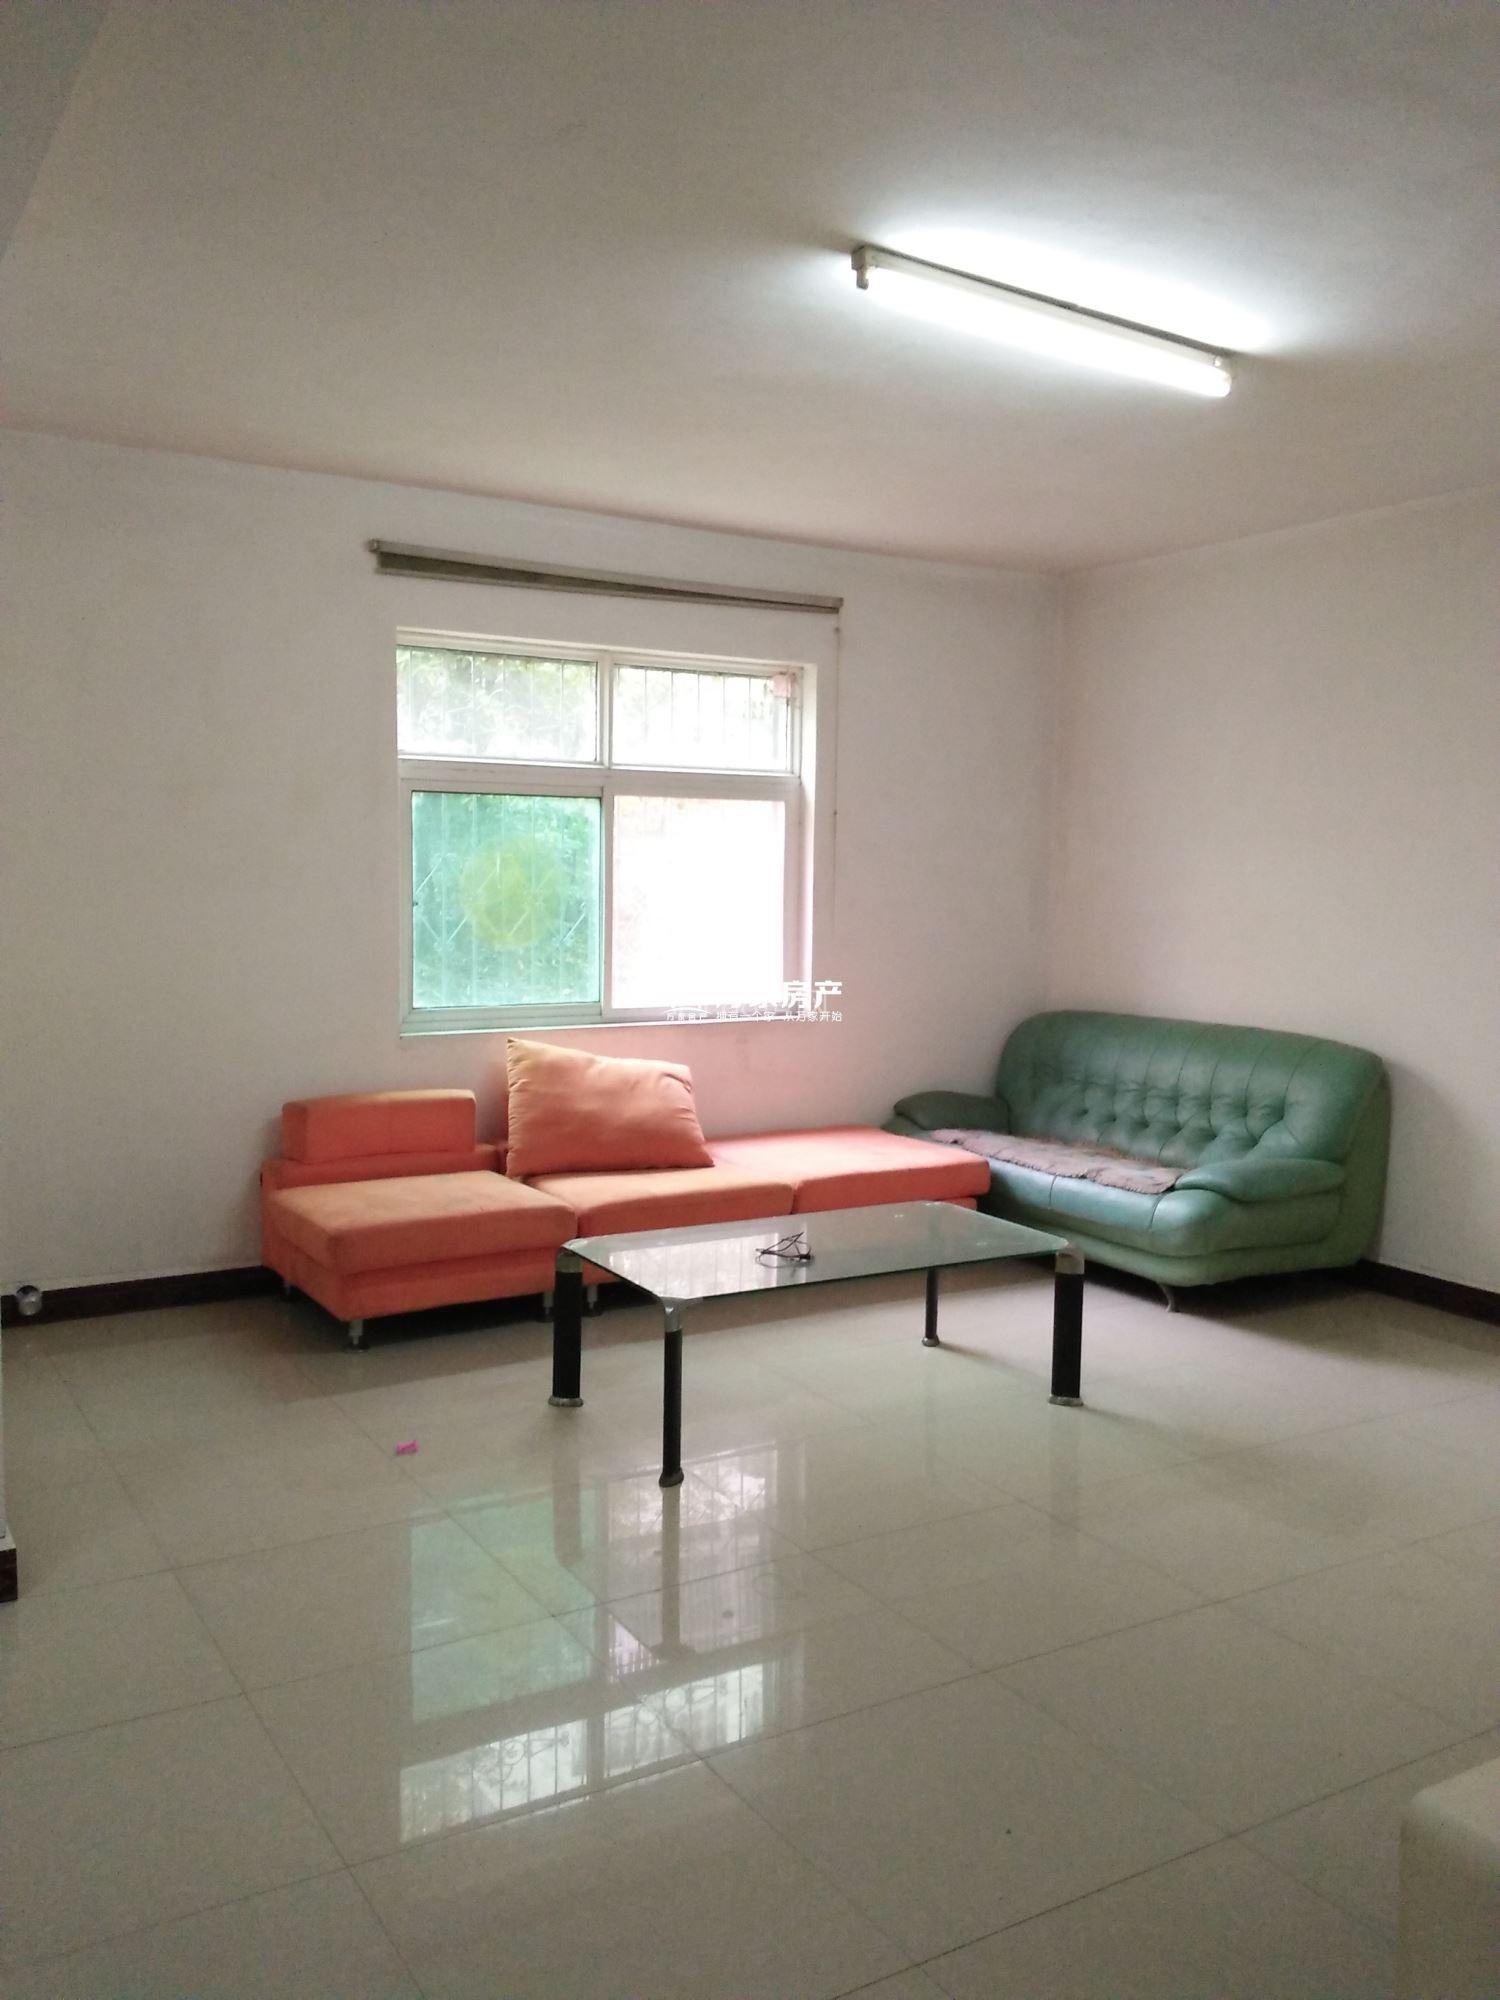 推荐!锦绣花园 900元 2室2厅1卫 普通装修,享受生活的